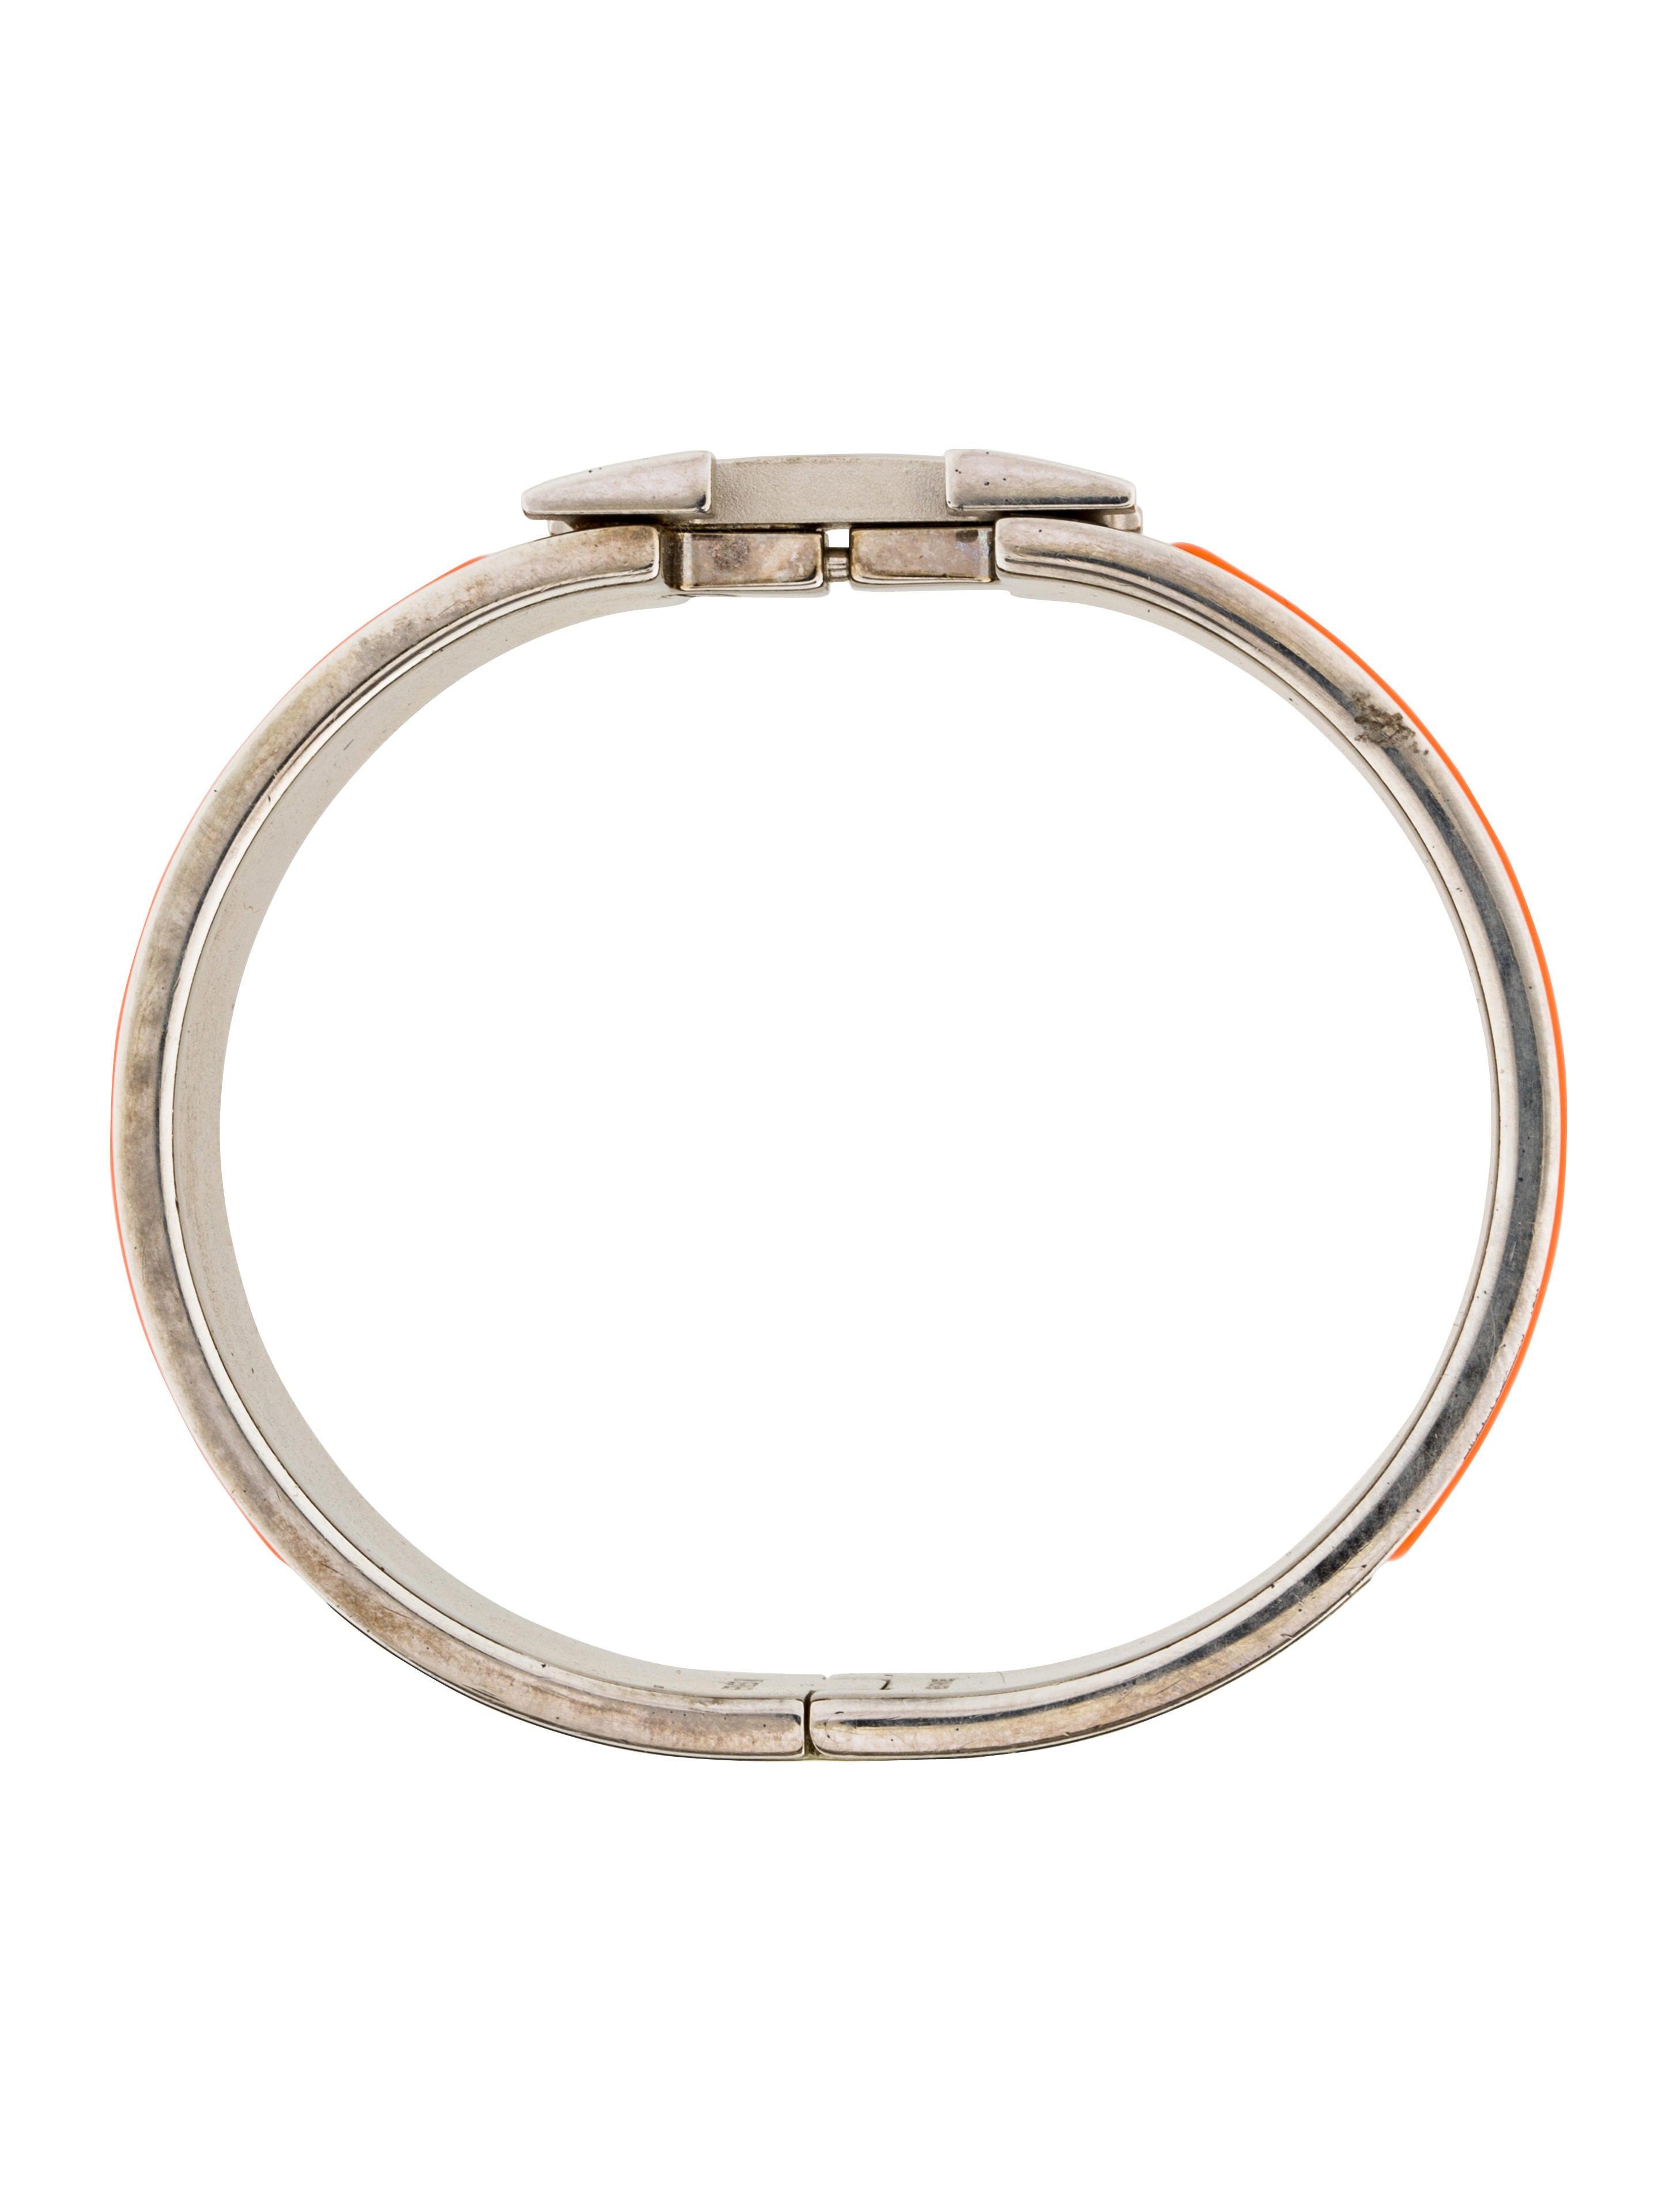 herm s clic clac h bracelet bracelets her109848 the. Black Bedroom Furniture Sets. Home Design Ideas